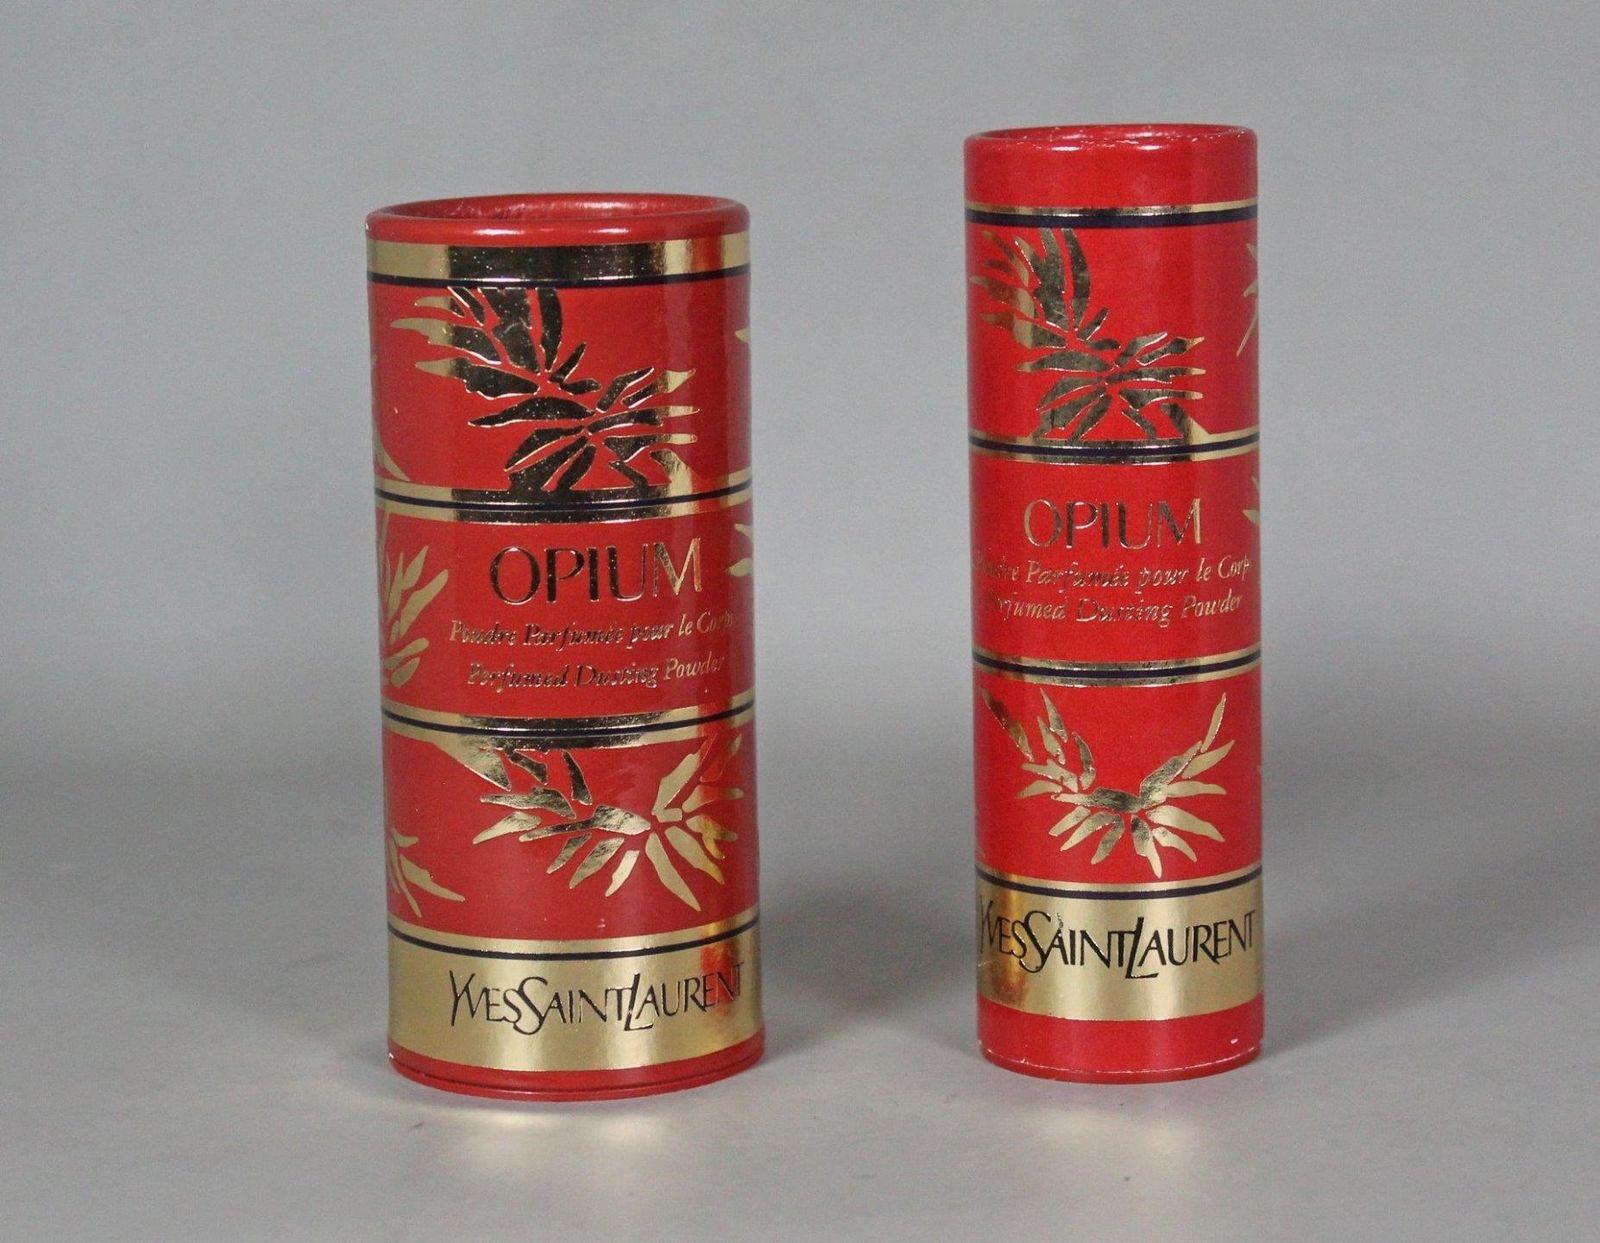 yslopiumdustingpowder_bornunicorn